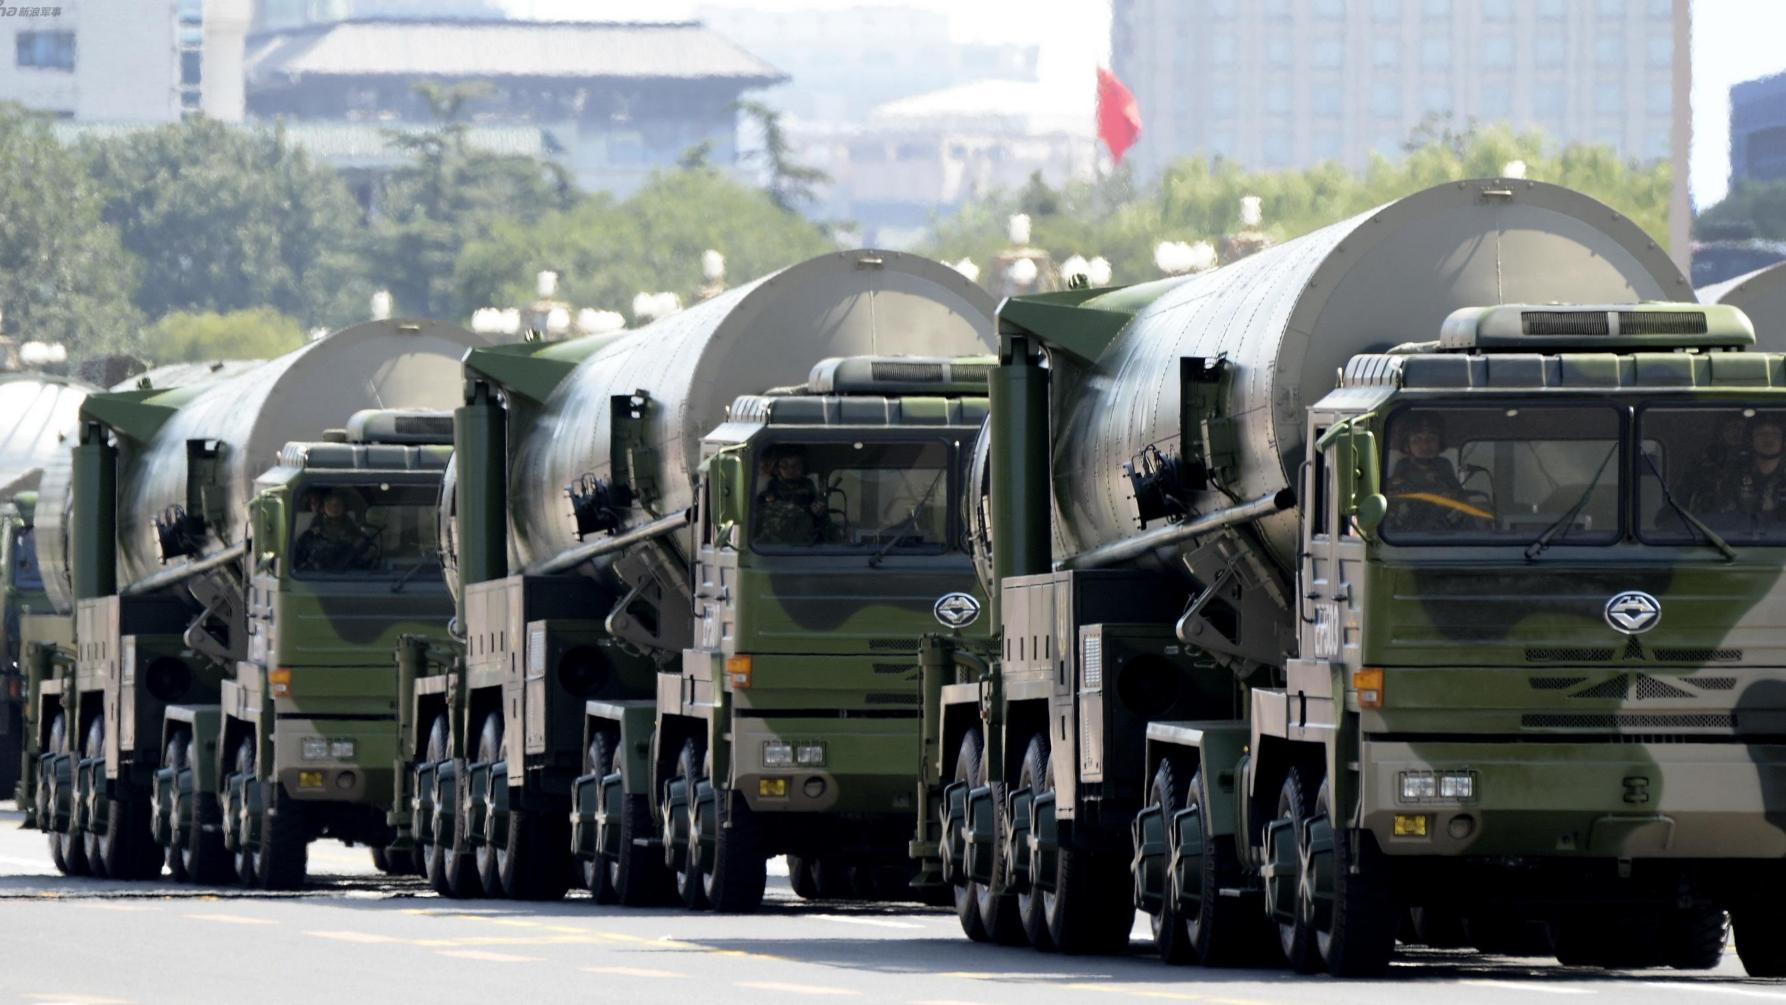 以理服人!东风快递捍卫尊严,没有任何国家敢叫嚣对我们使用核武